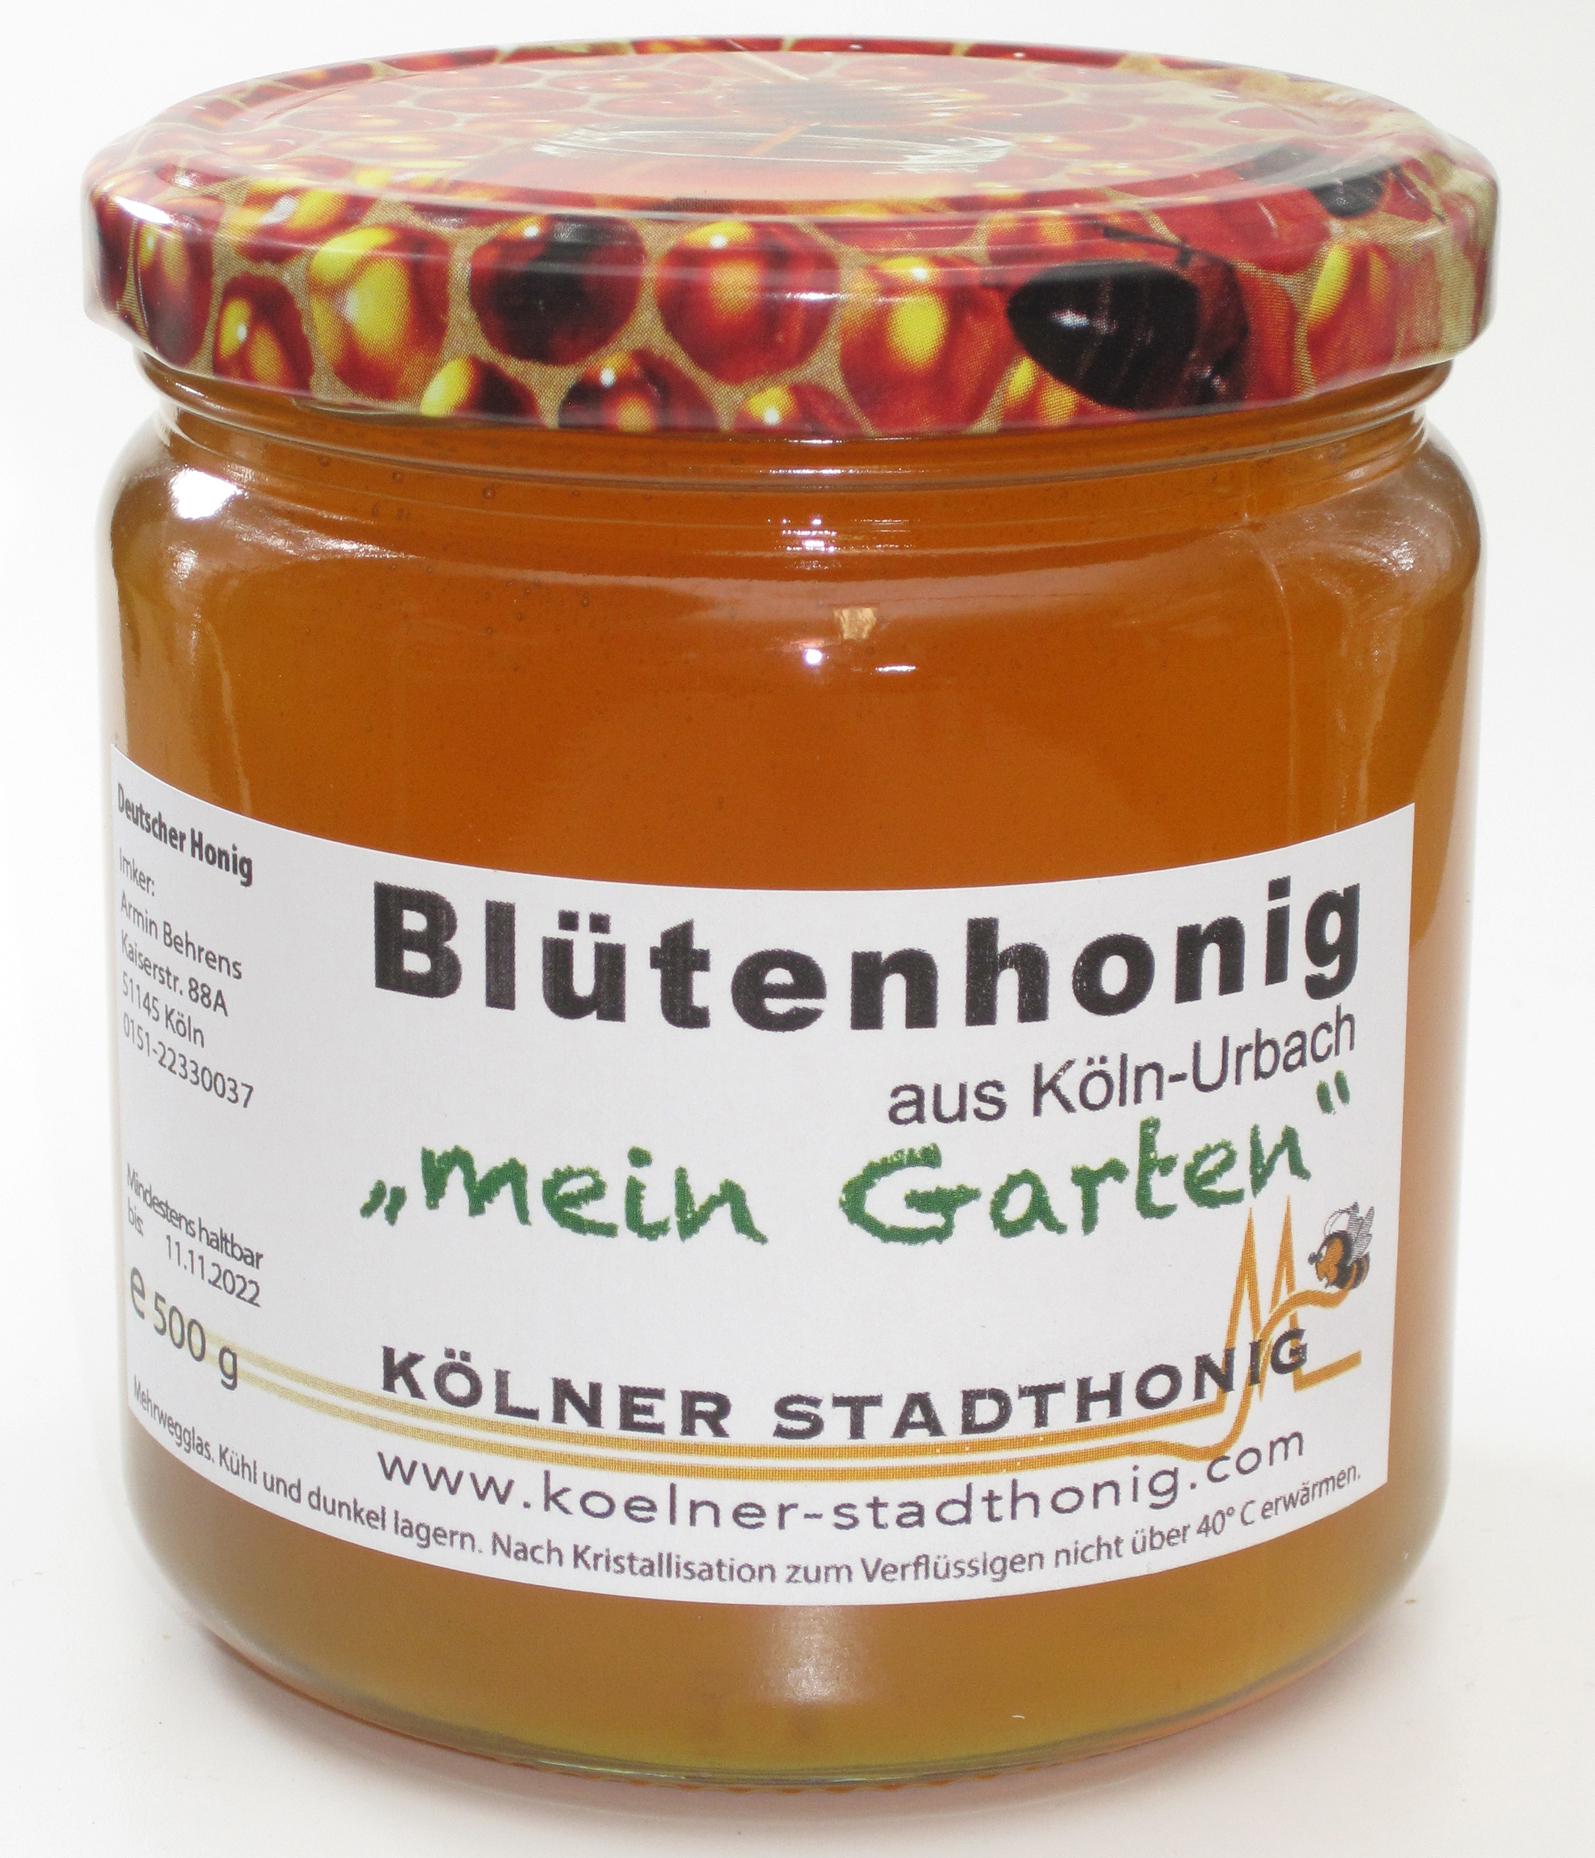 Honig aus meinem Garten in Urbach